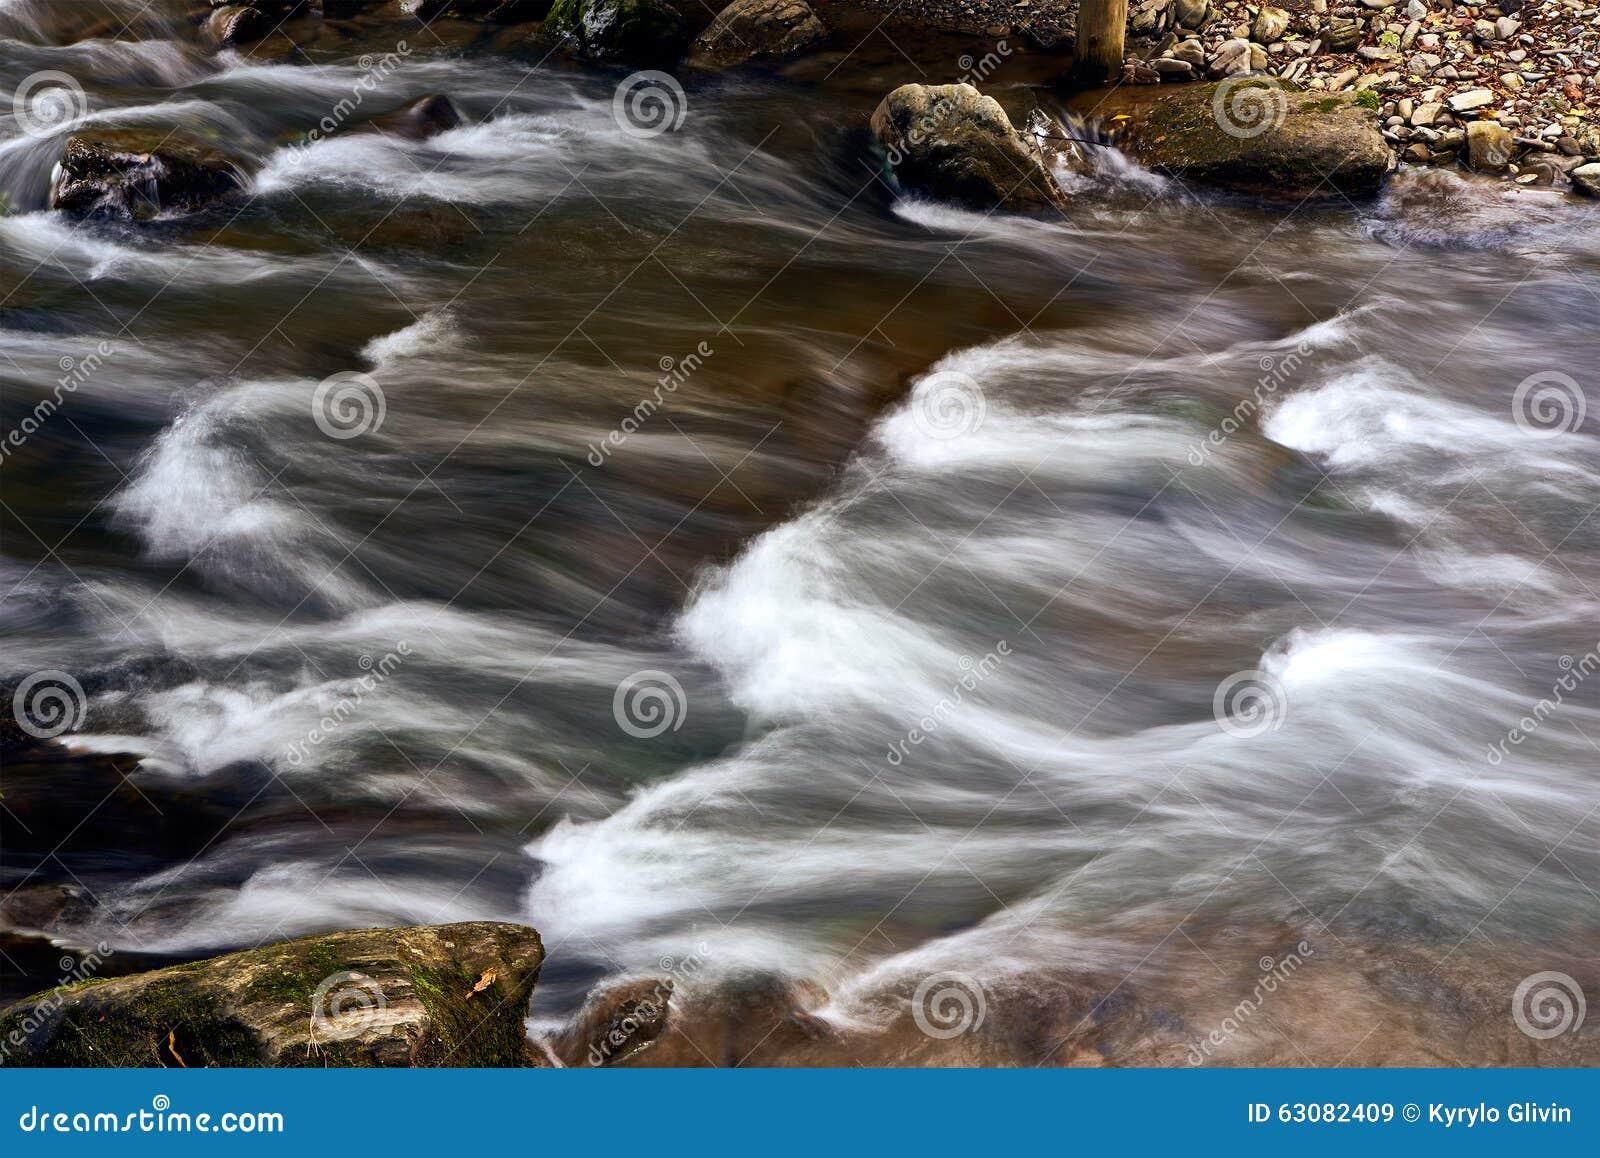 Download Rivière De Courant De Montagne Avec La Rapide Image stock - Image du environnement, fleuve: 63082409